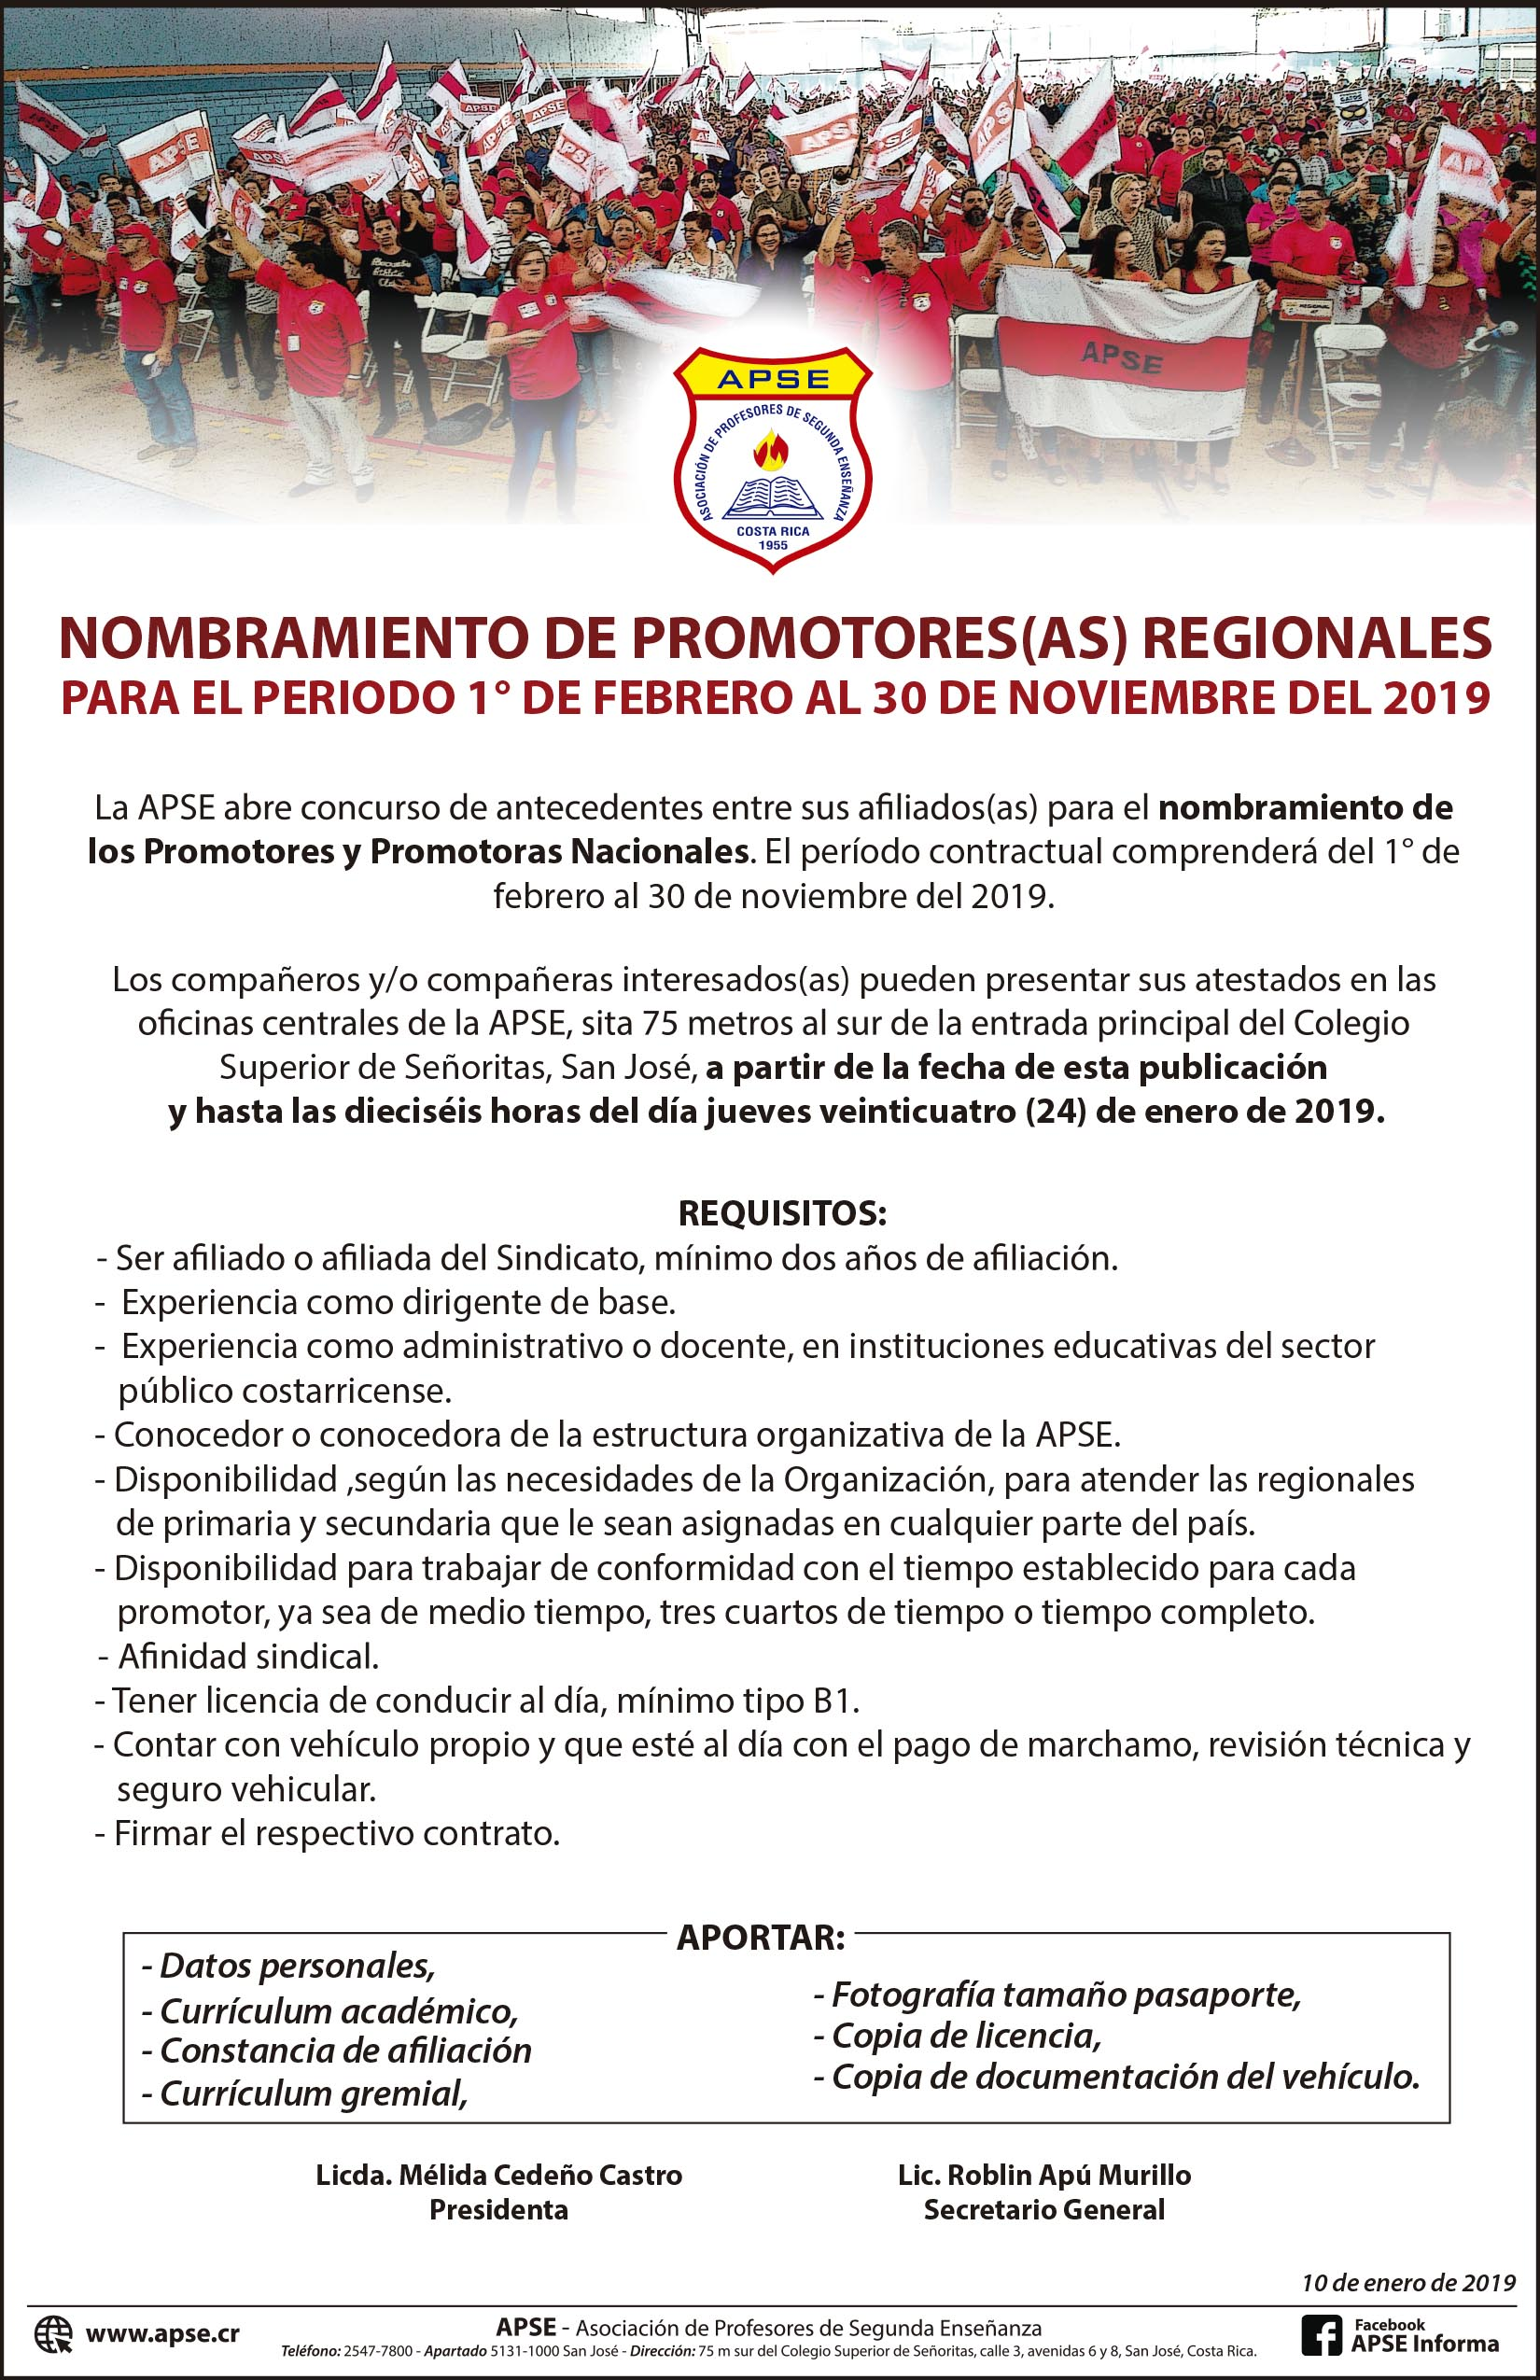 NOMBRAMIENTO DE PROMOTORES(AS) REGIONALES DE APSE PARA EL PERIODO 1° DE FEBRERO AL 30 DE NOVIEMBRE DEL 2019